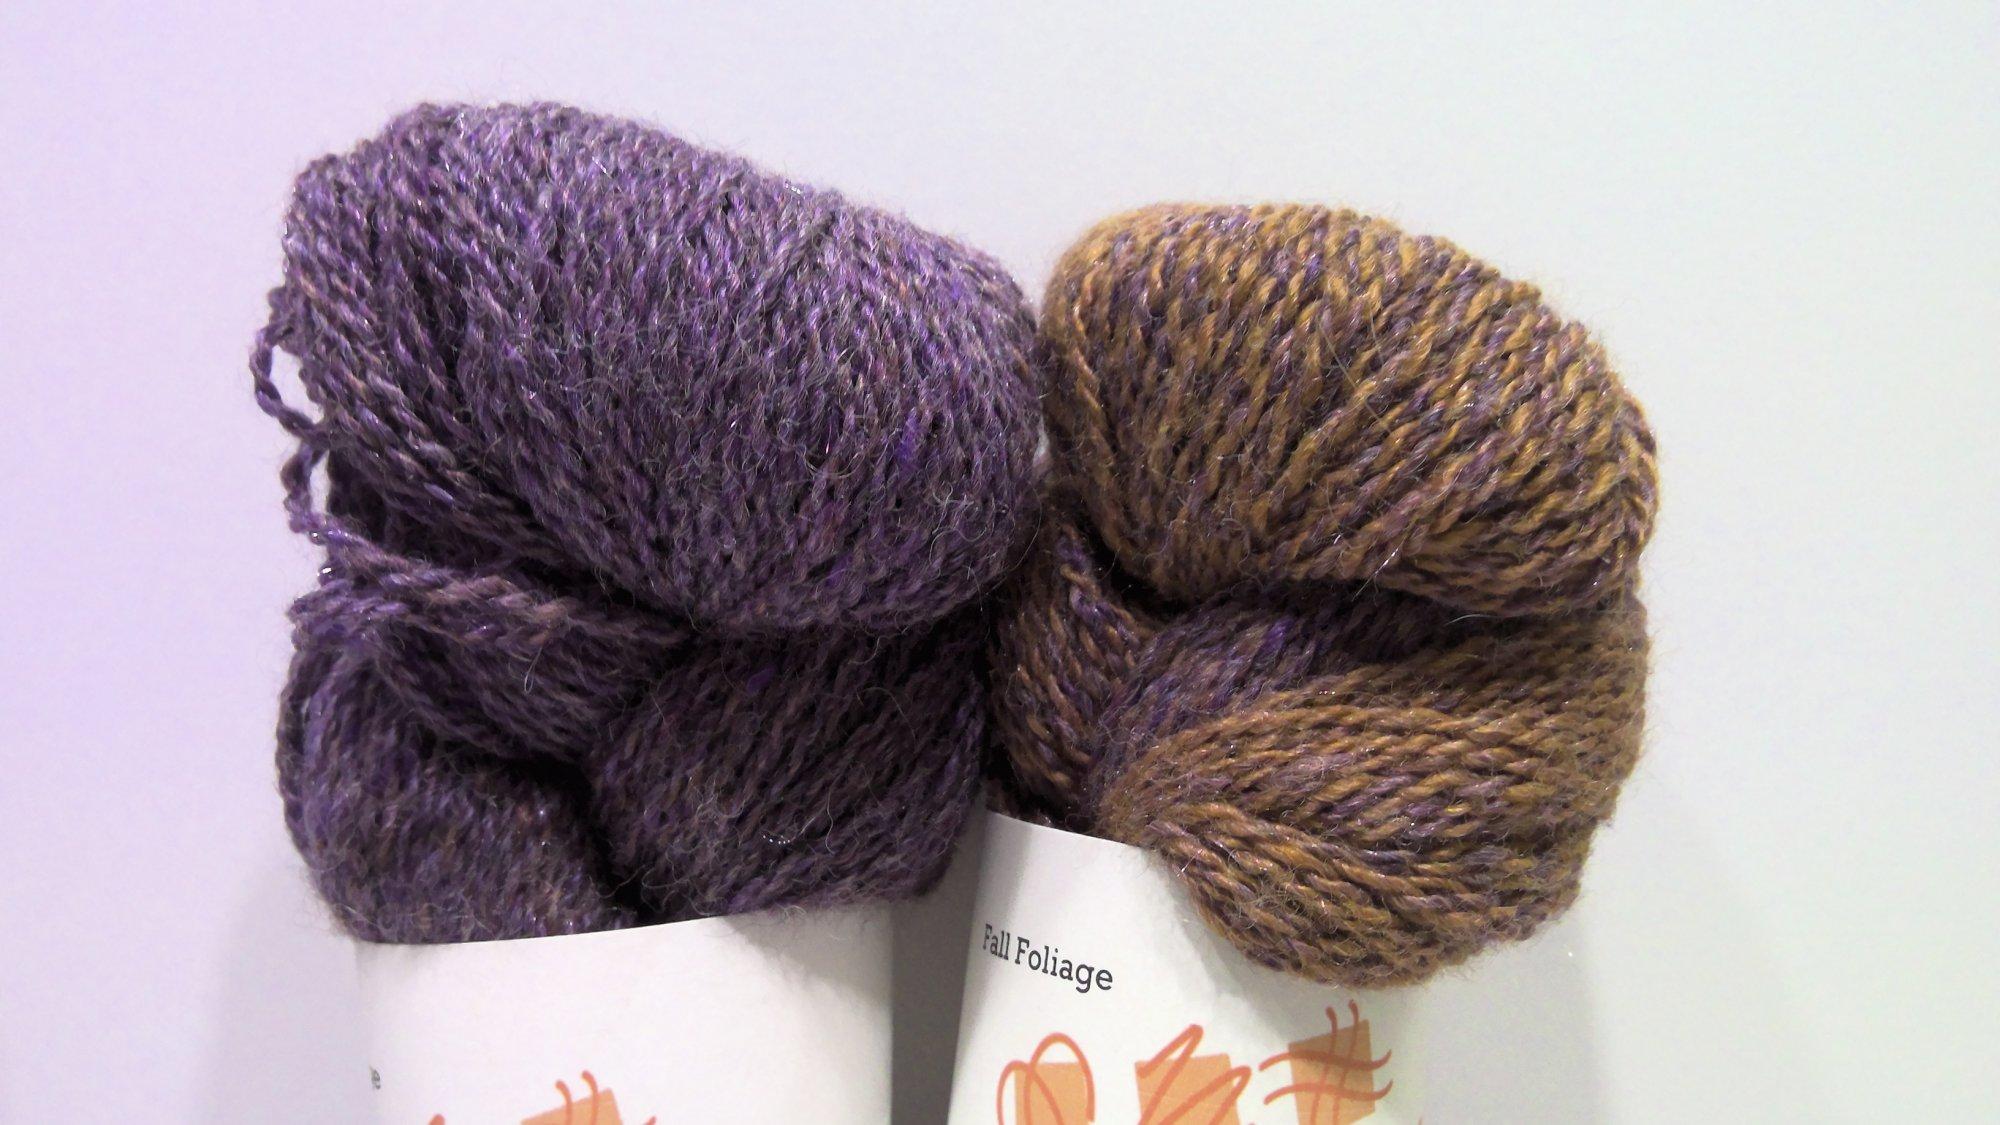 Fall Foliage Gradient Yarn - 2919